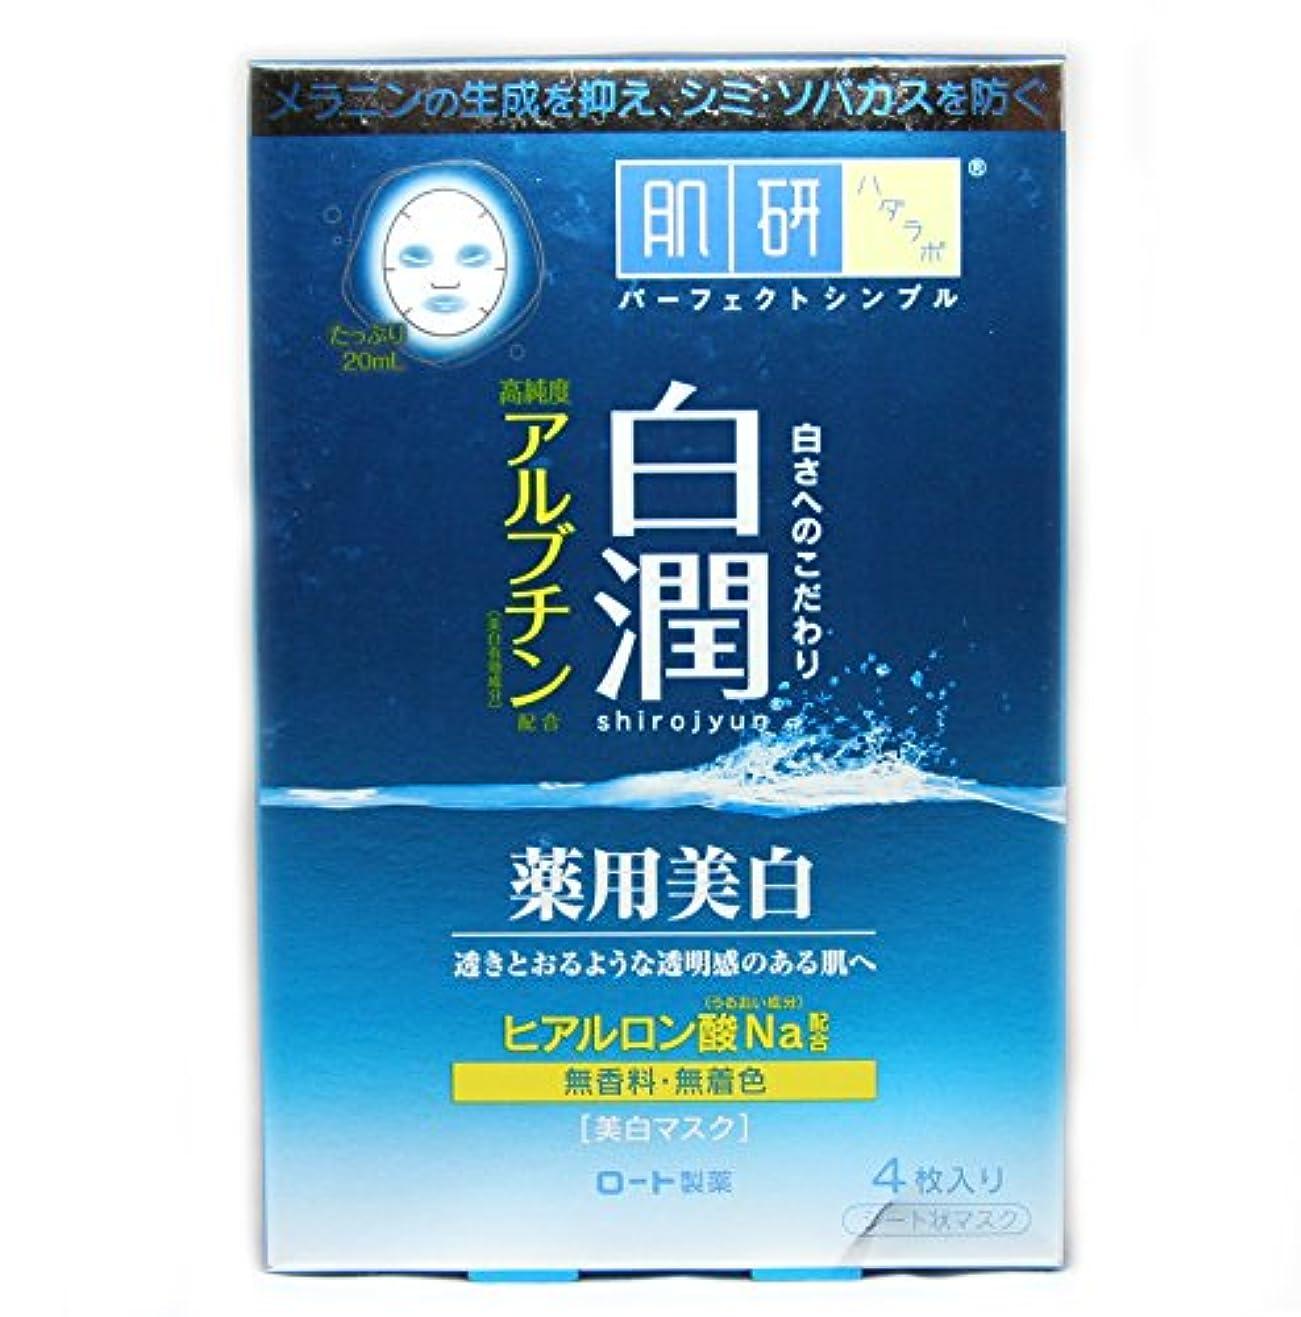 騒ぎシード識別する肌研白潤薬用美白マスク